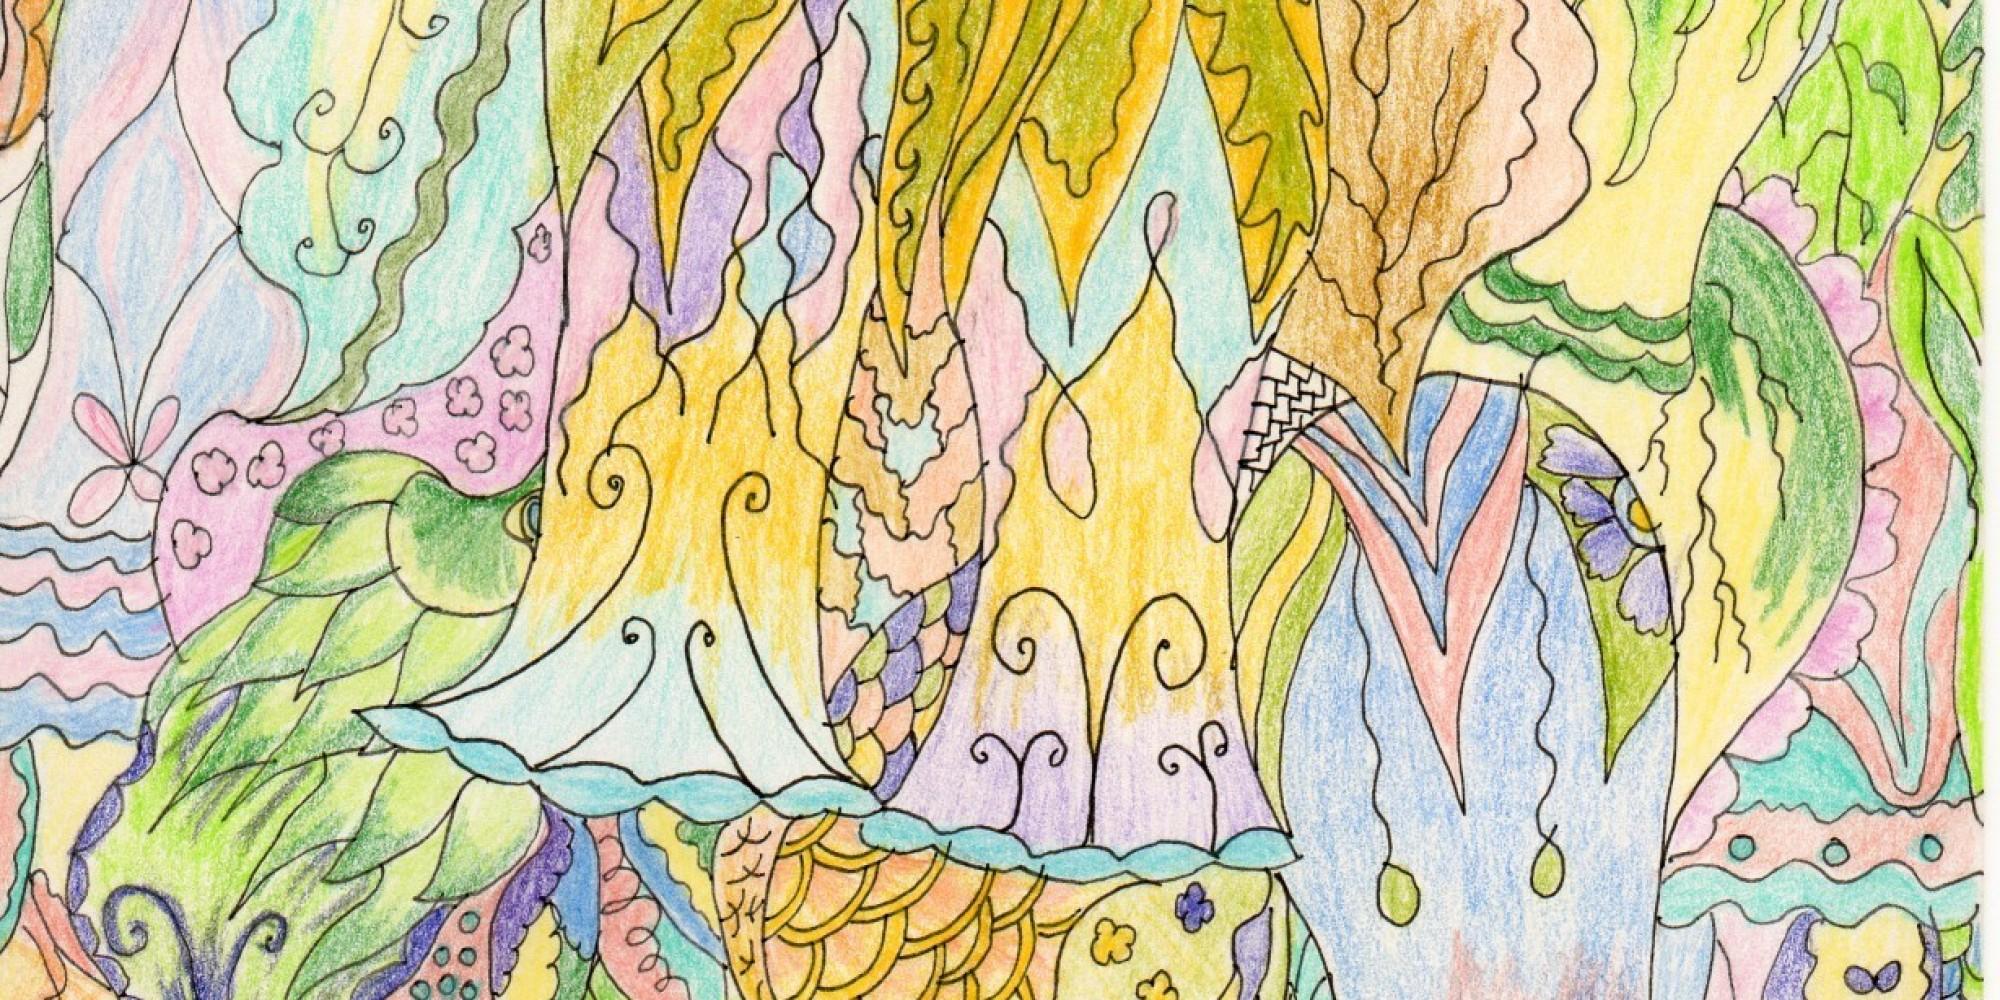 Zen colouring tesco - Zen Colouring Tesco 14